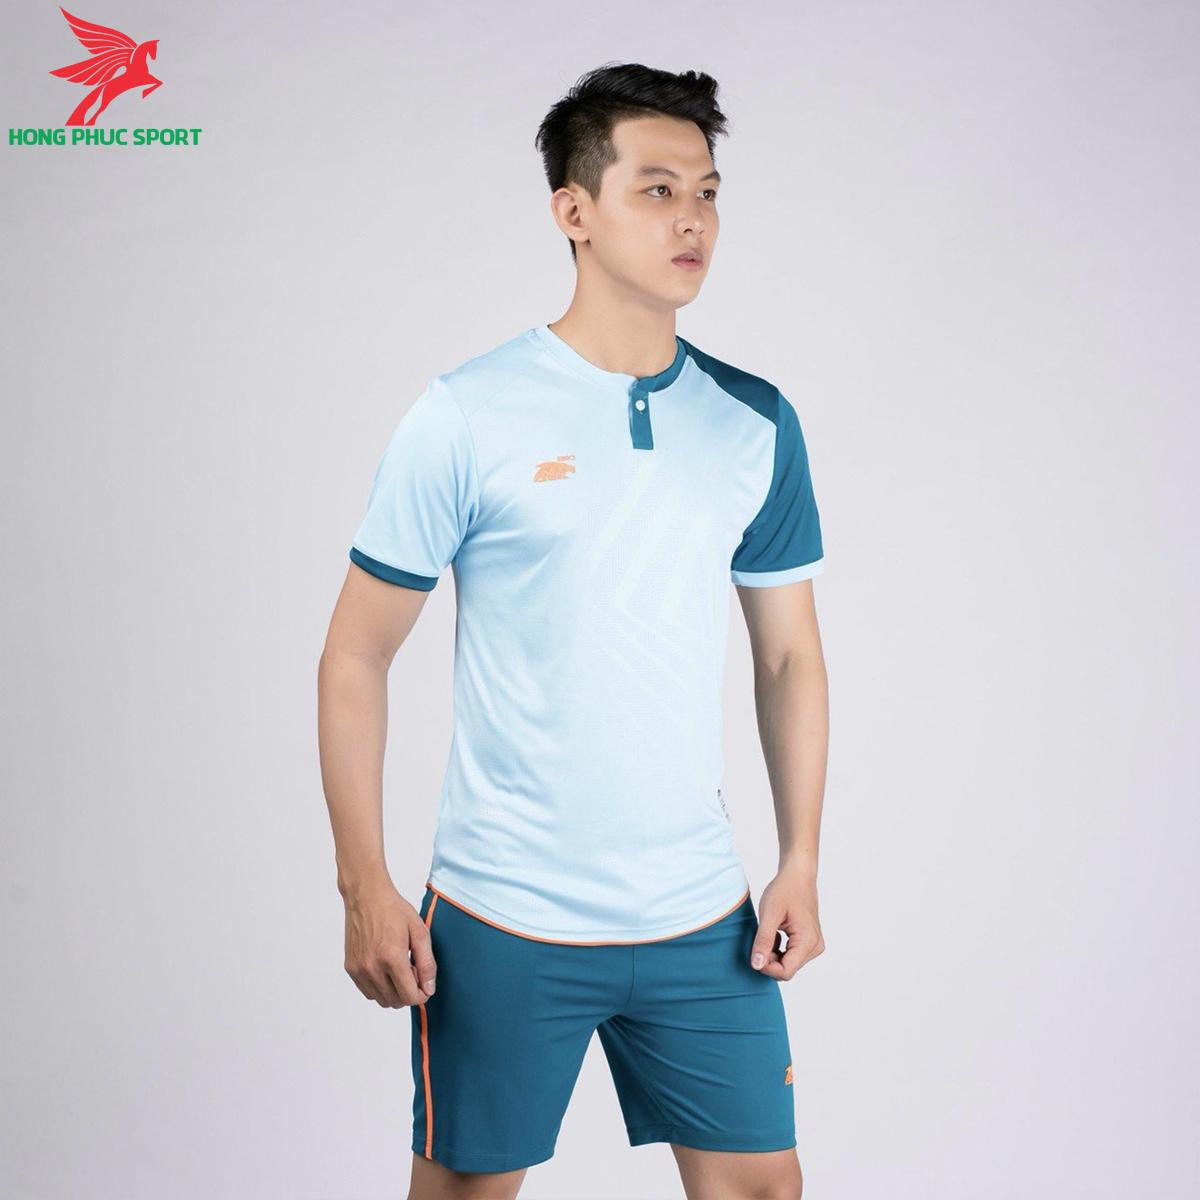 https://cdn.hongphucsport.com/unsafe/s4.shopbay.vn/files/285/ao-khong-logo-riki-lostoran-mau-xanh-duong-603e0cbef407e.png